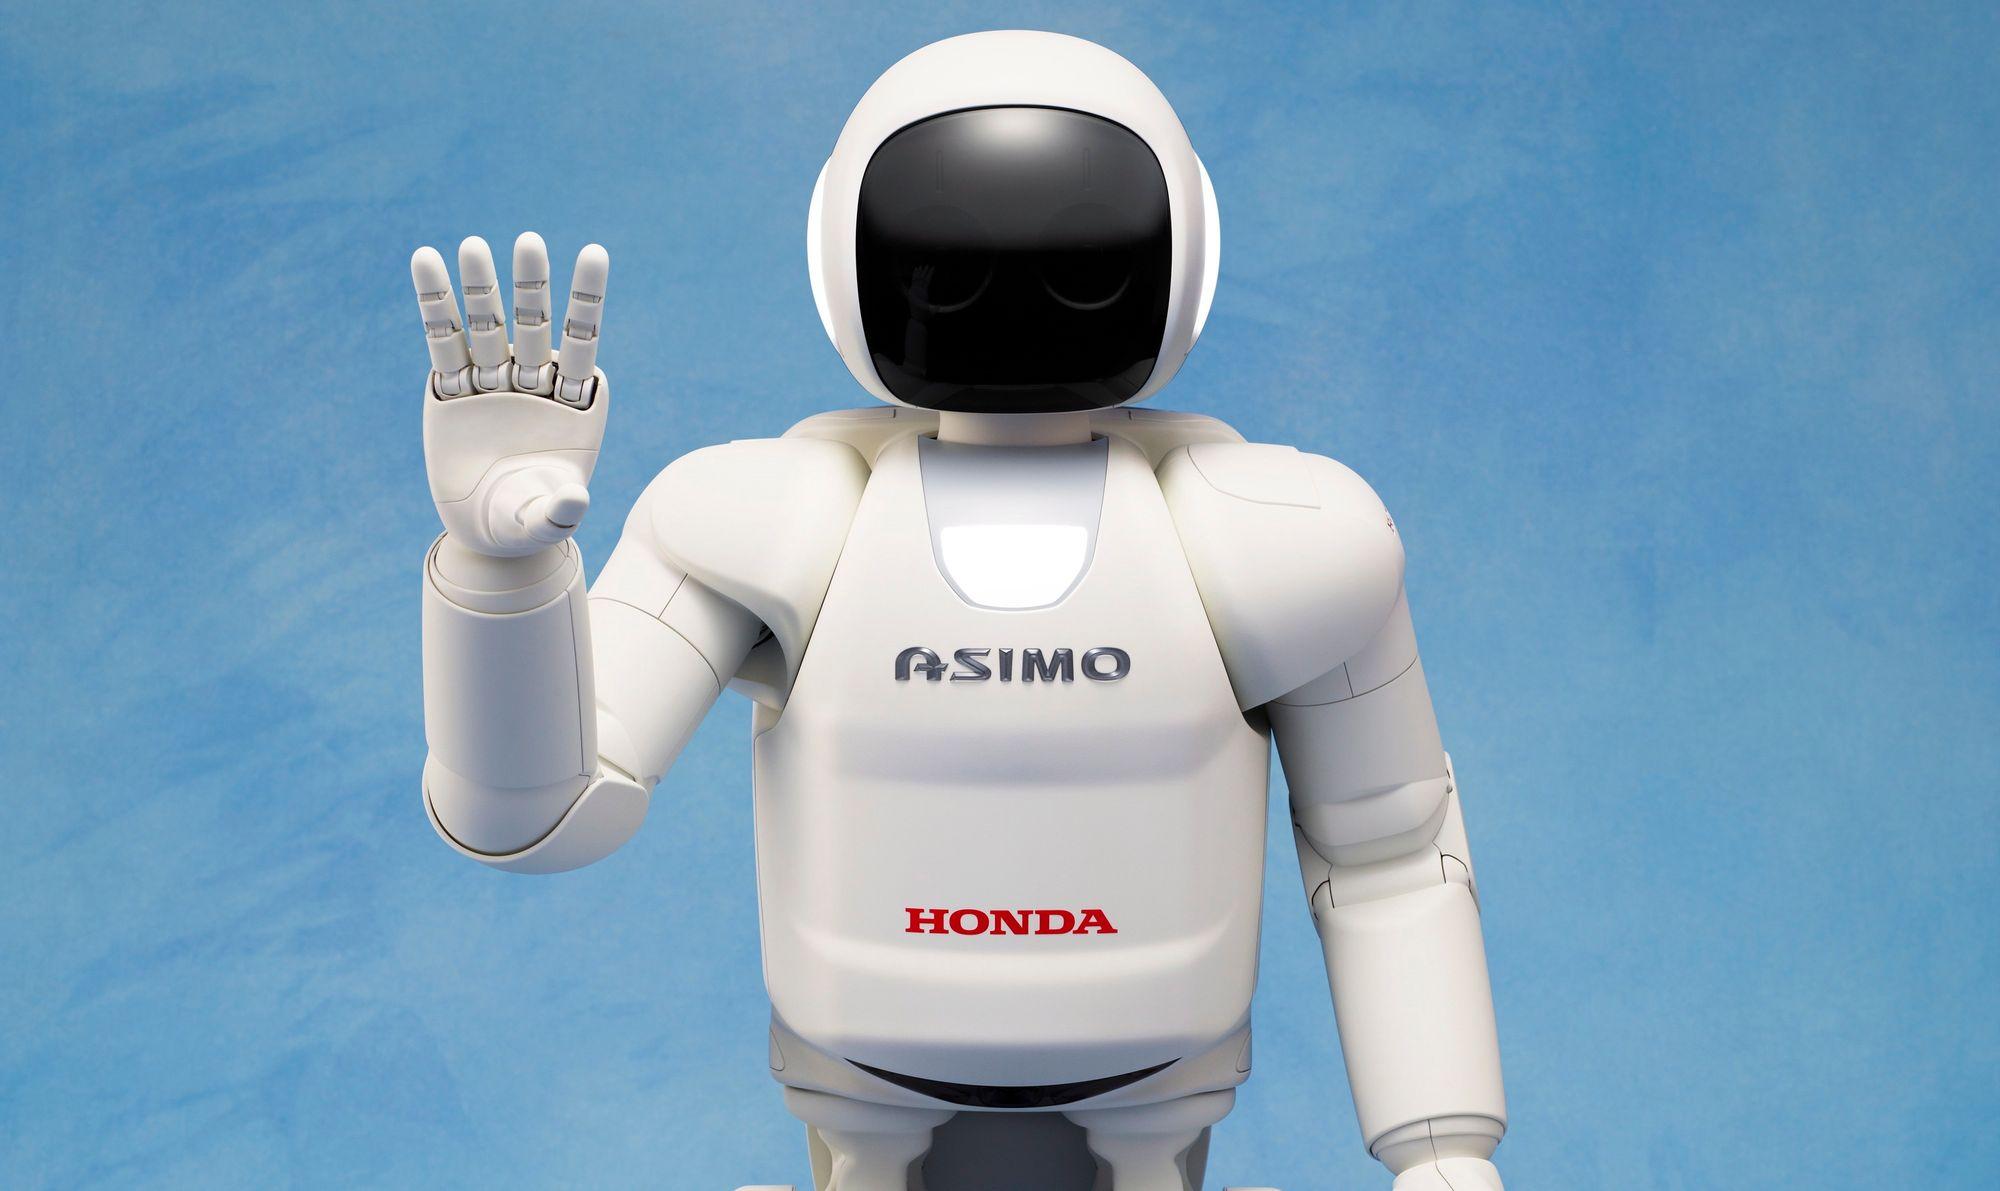 Le robot ASIMO |© HONDA